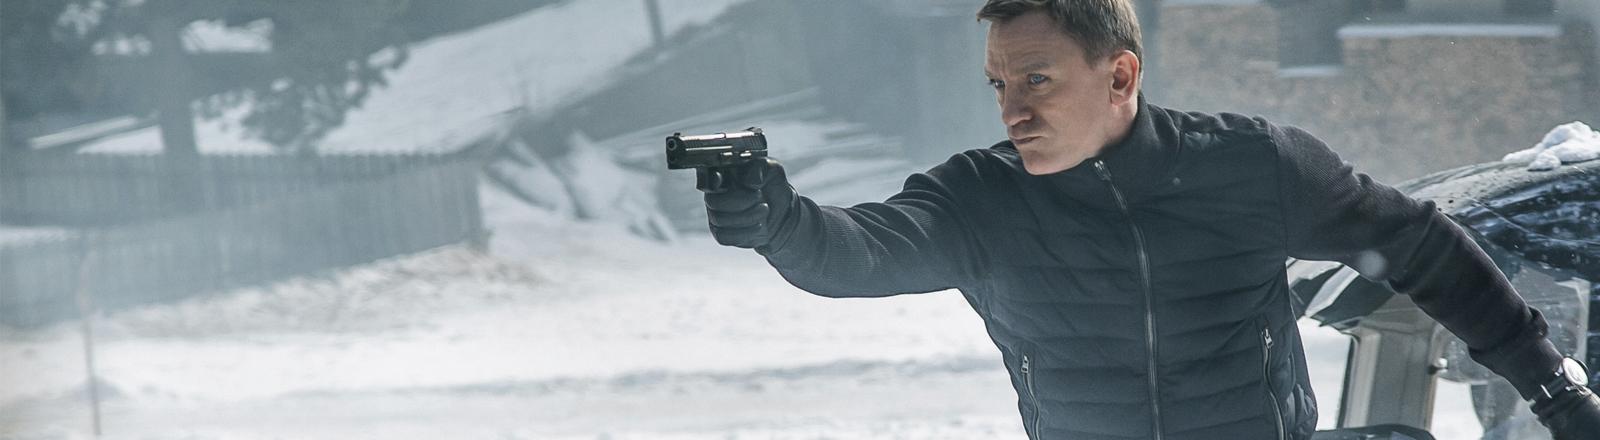 """Eine Szene aus dem James-Bond-Film """"Spectre""""."""